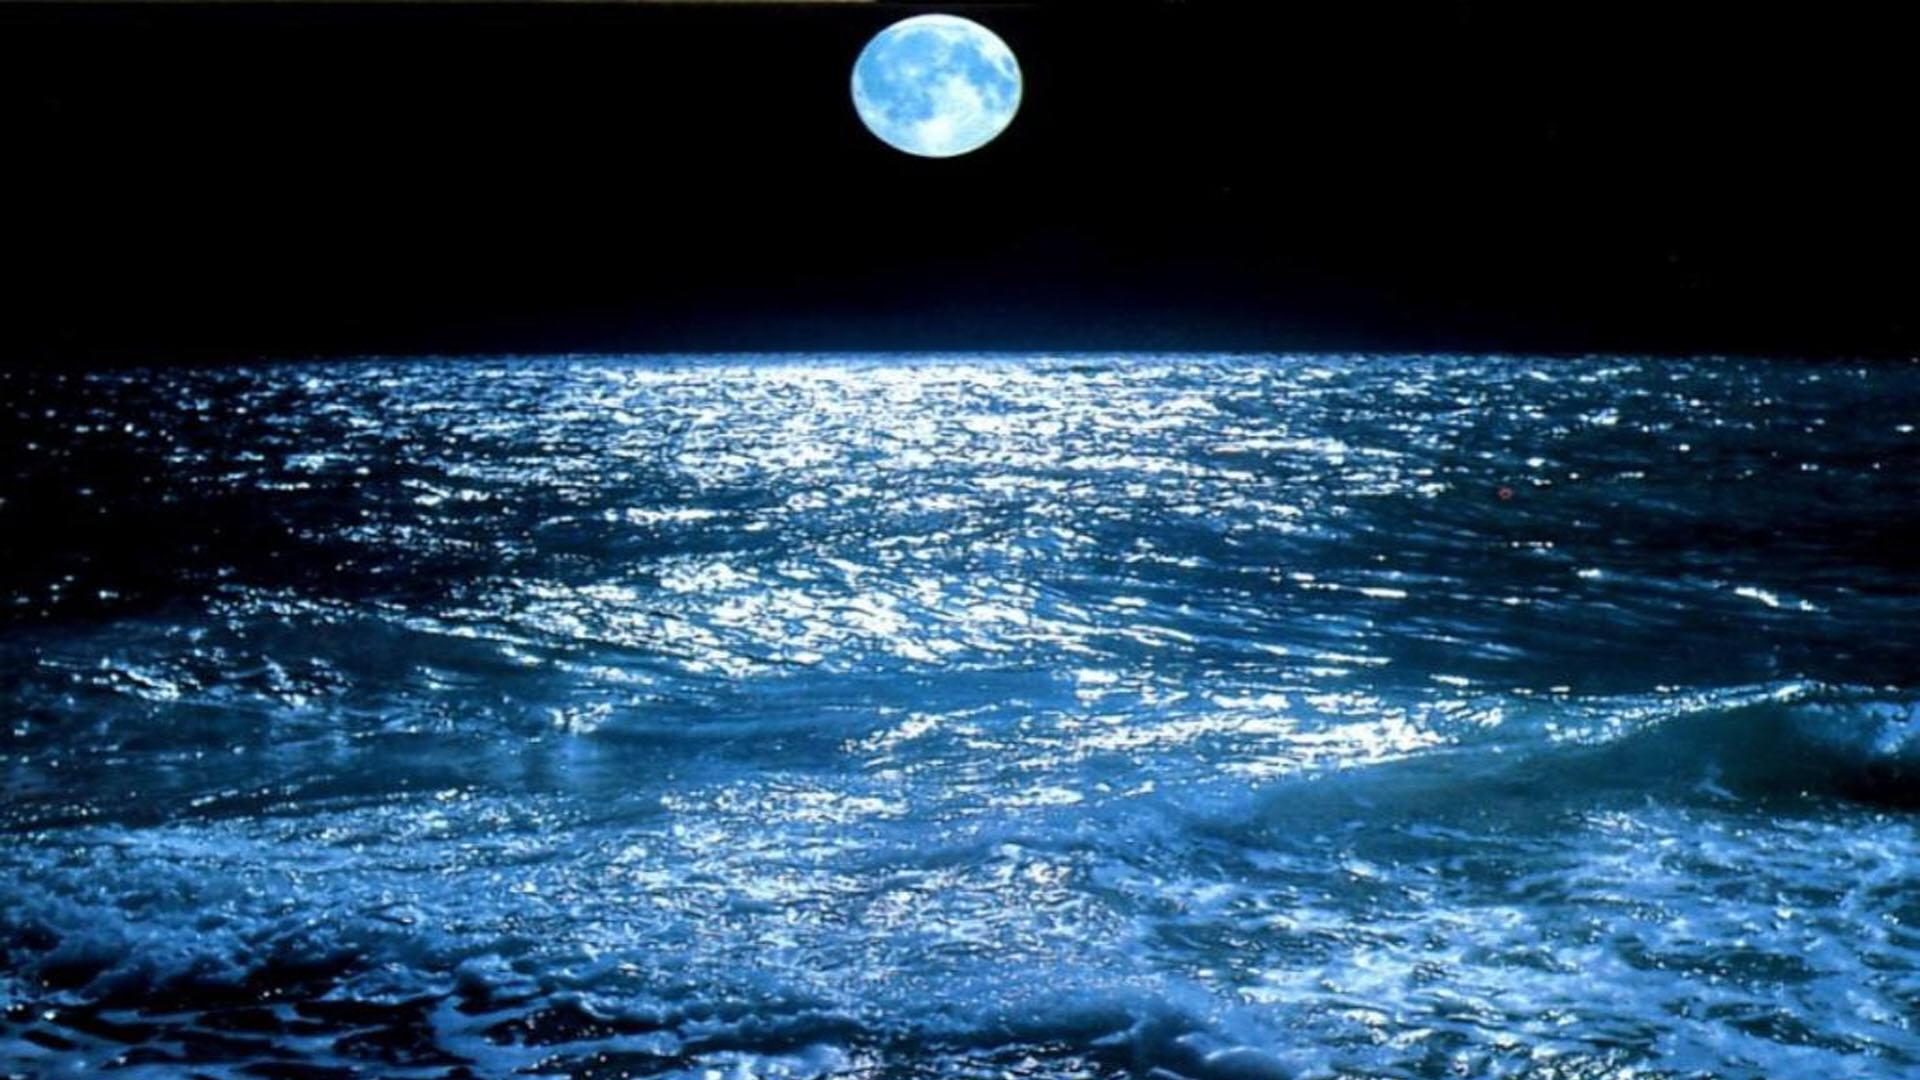 Night Ocean Picture Wallpaper